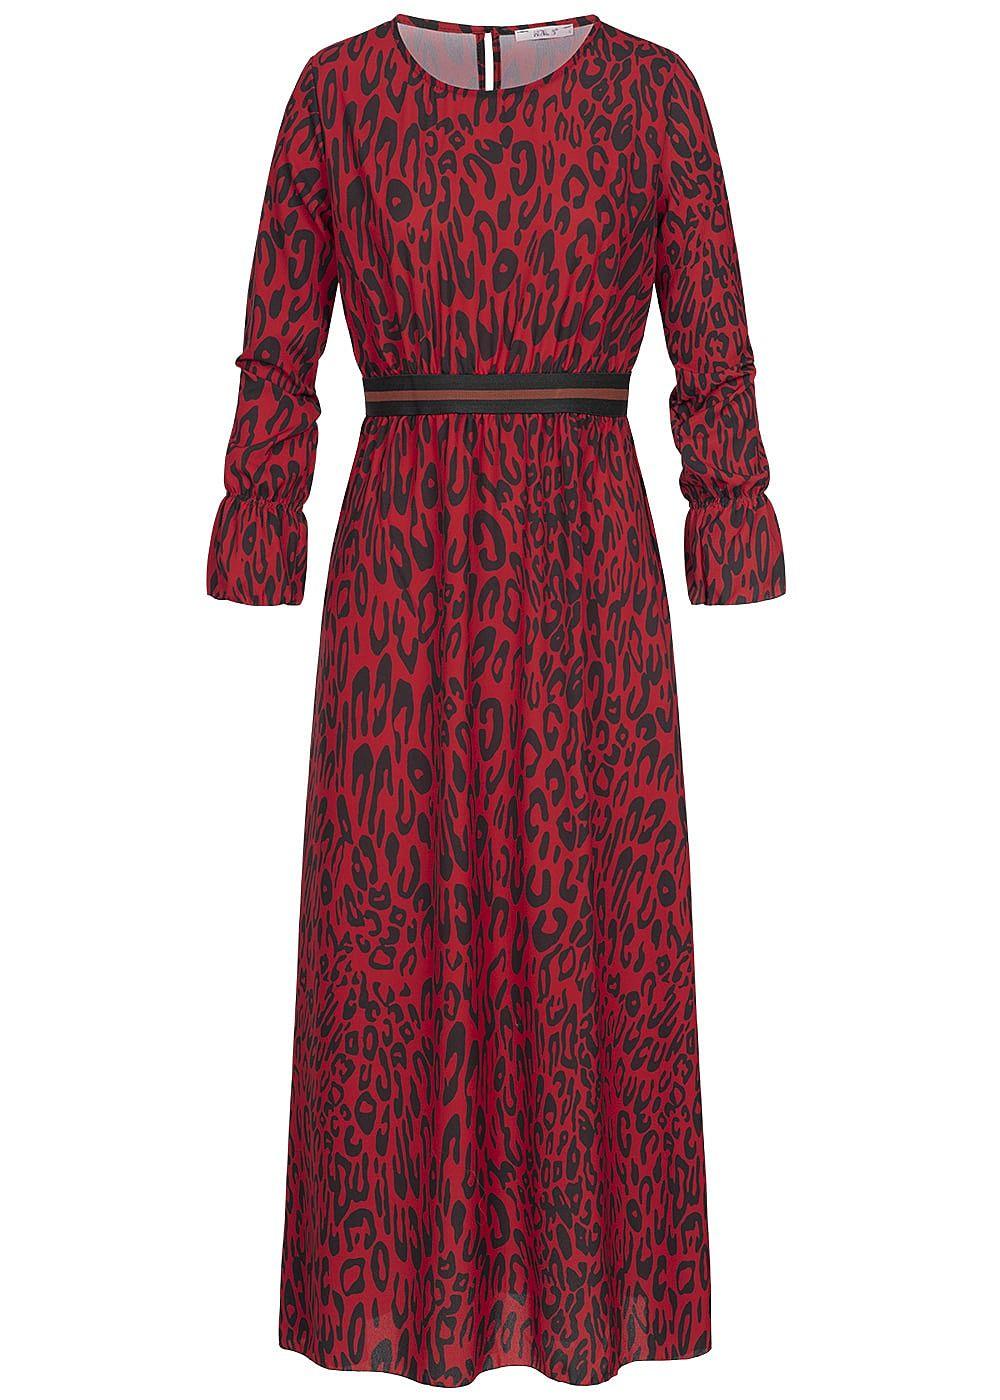 Hailys Damen Longform Kleid Leo Print Gummibund rot schwarz